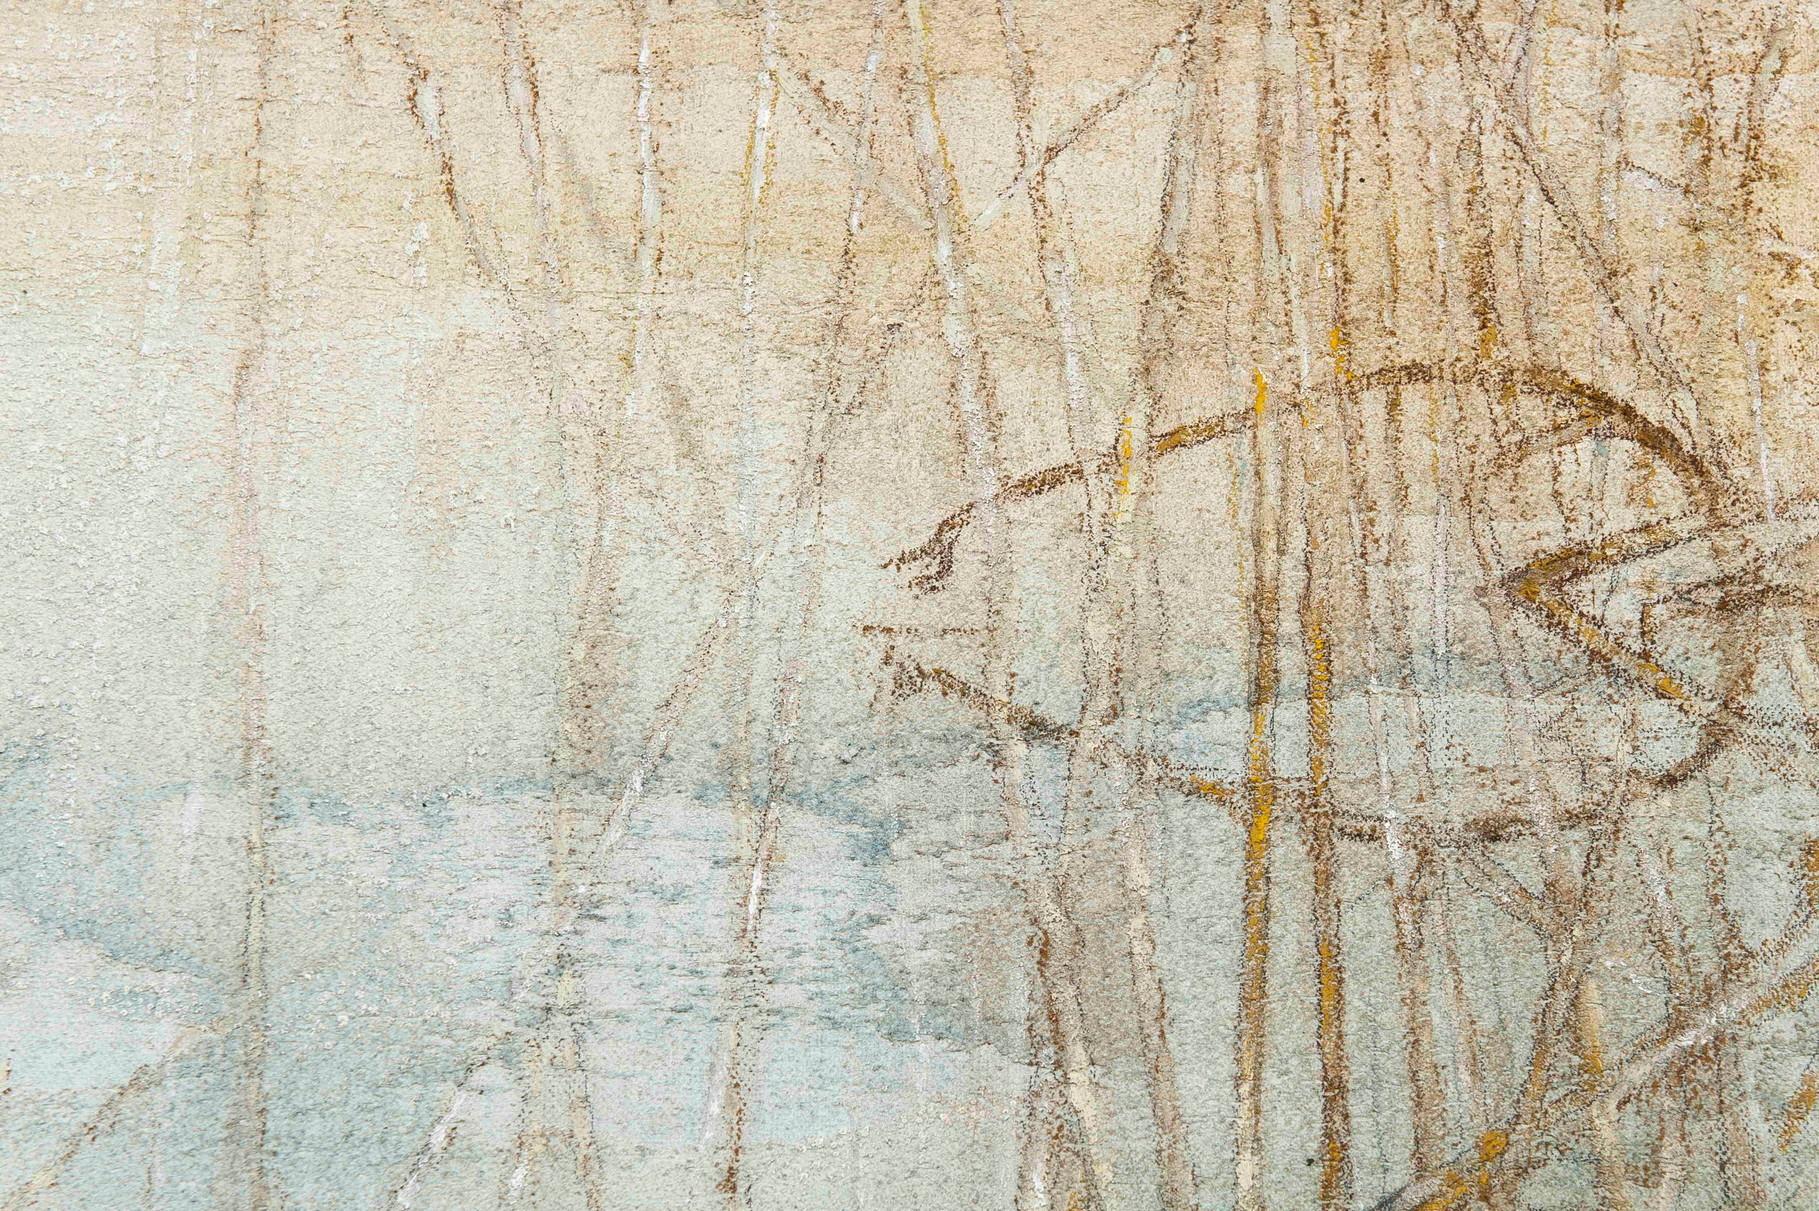 o-t-detail-2013-mischtechnik-auf-leinwand-triptychon-300-x-100-cm